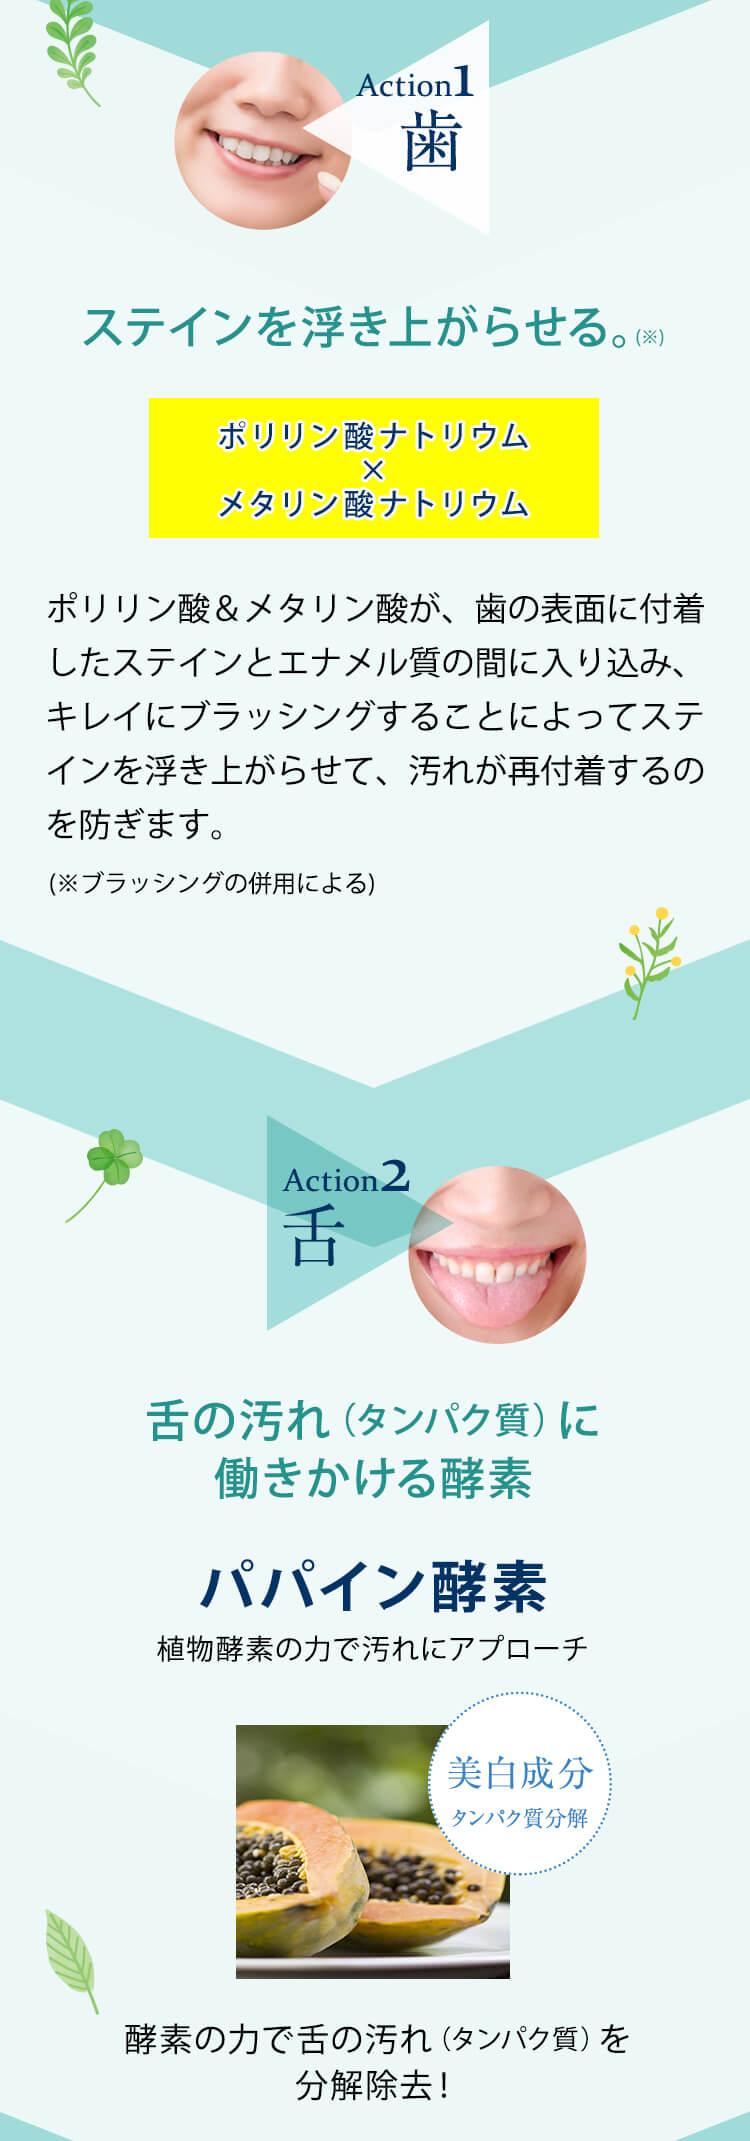 ステインを浮き上がらせる。ポリリン酸ナトリウム メタリン酸ナトリウム 植物酵素/舌の汚れ(タンパク質)に働きかける酵素